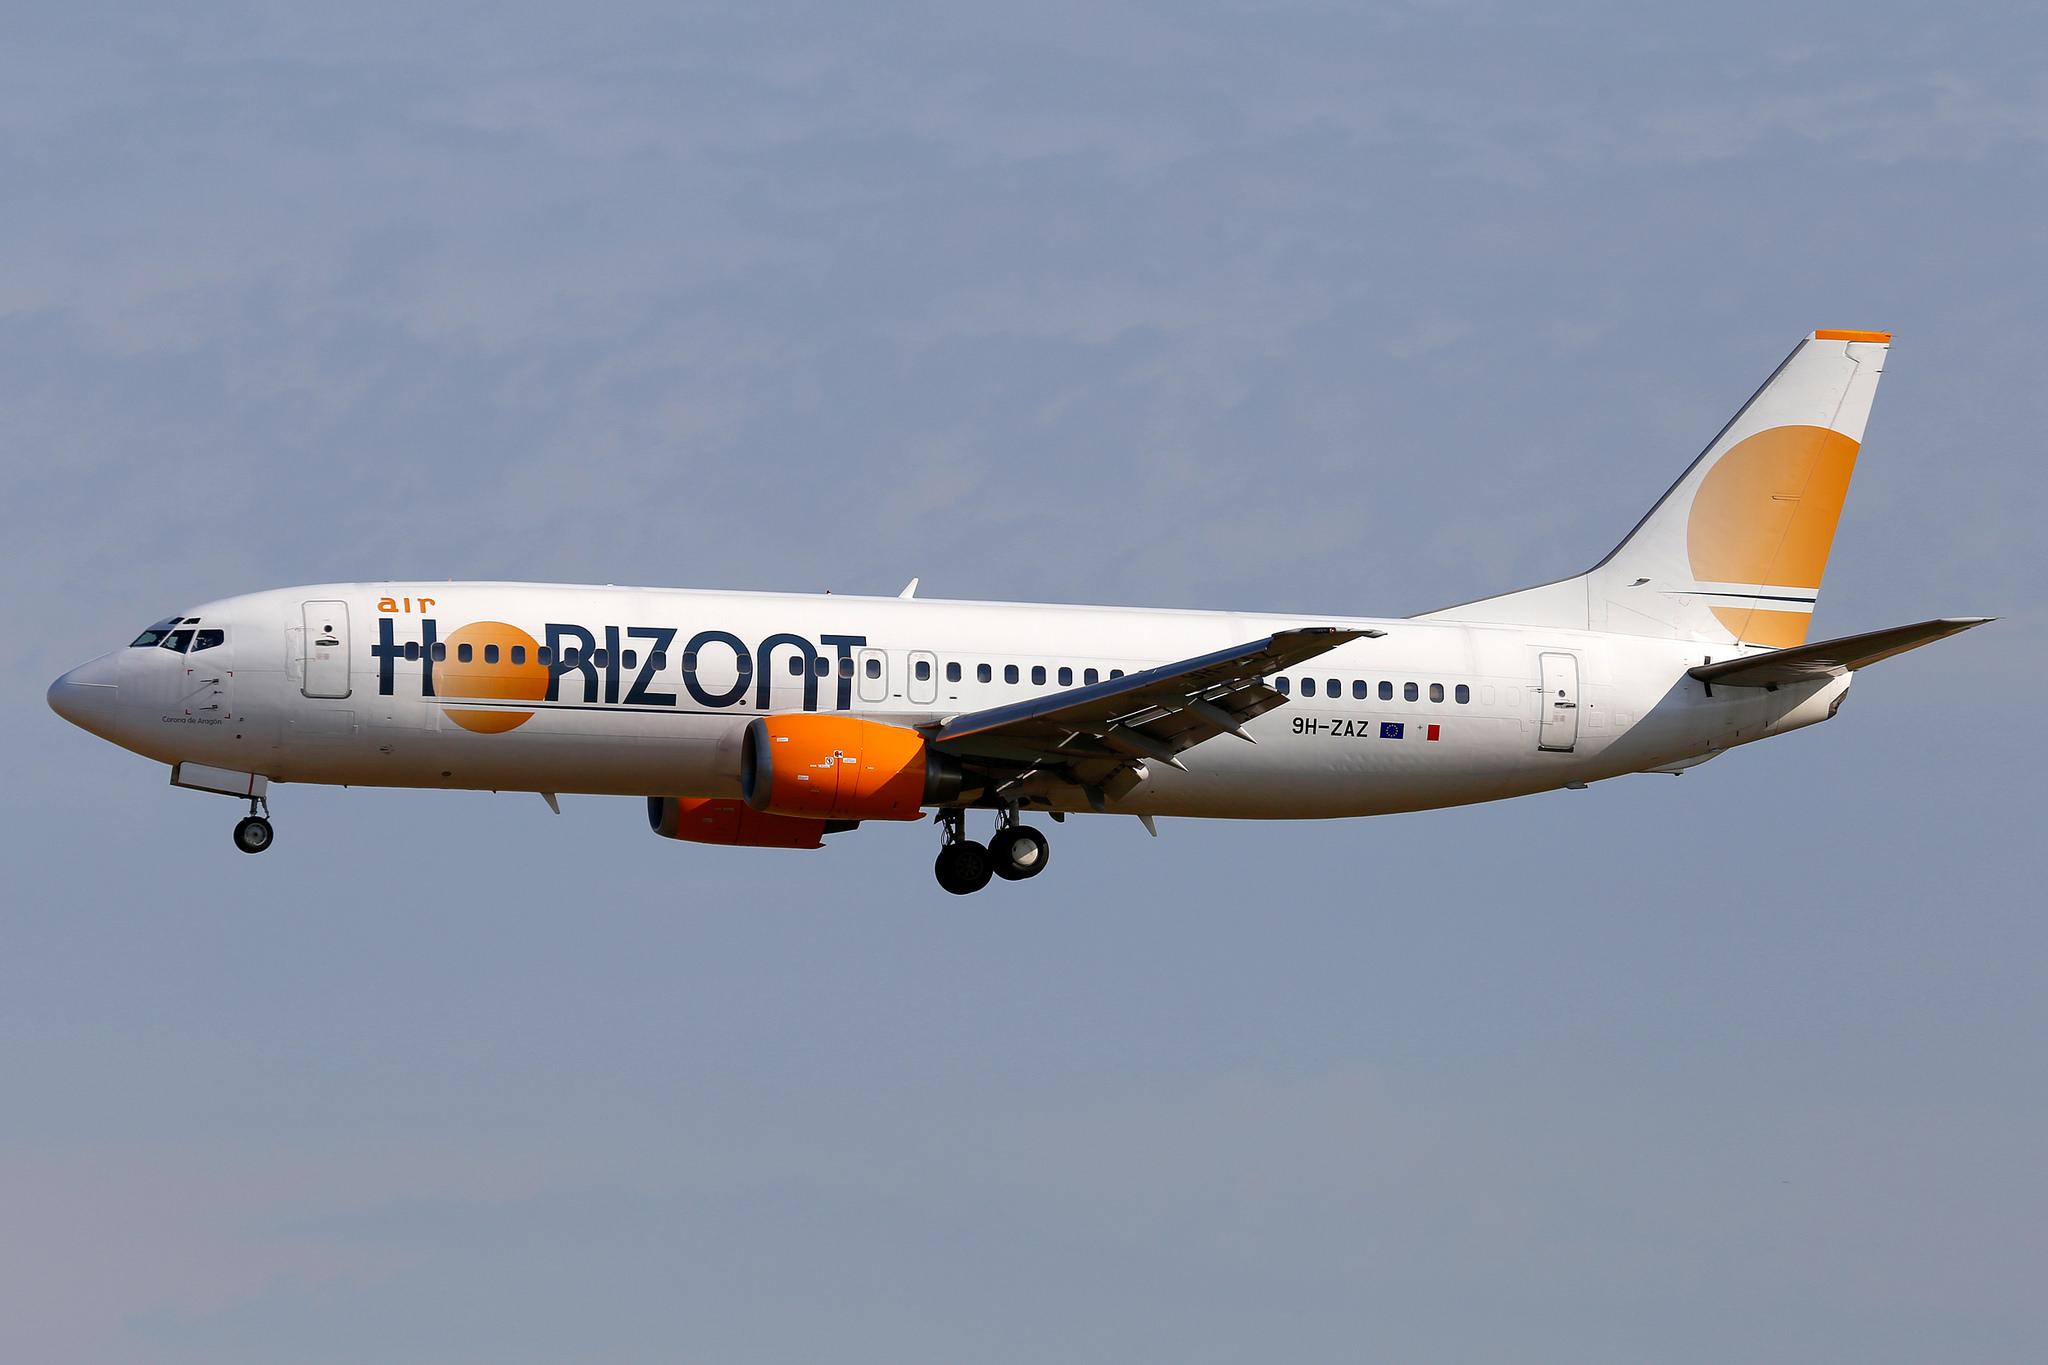 Air Horizont Plane by BrunoGeiger - flickr